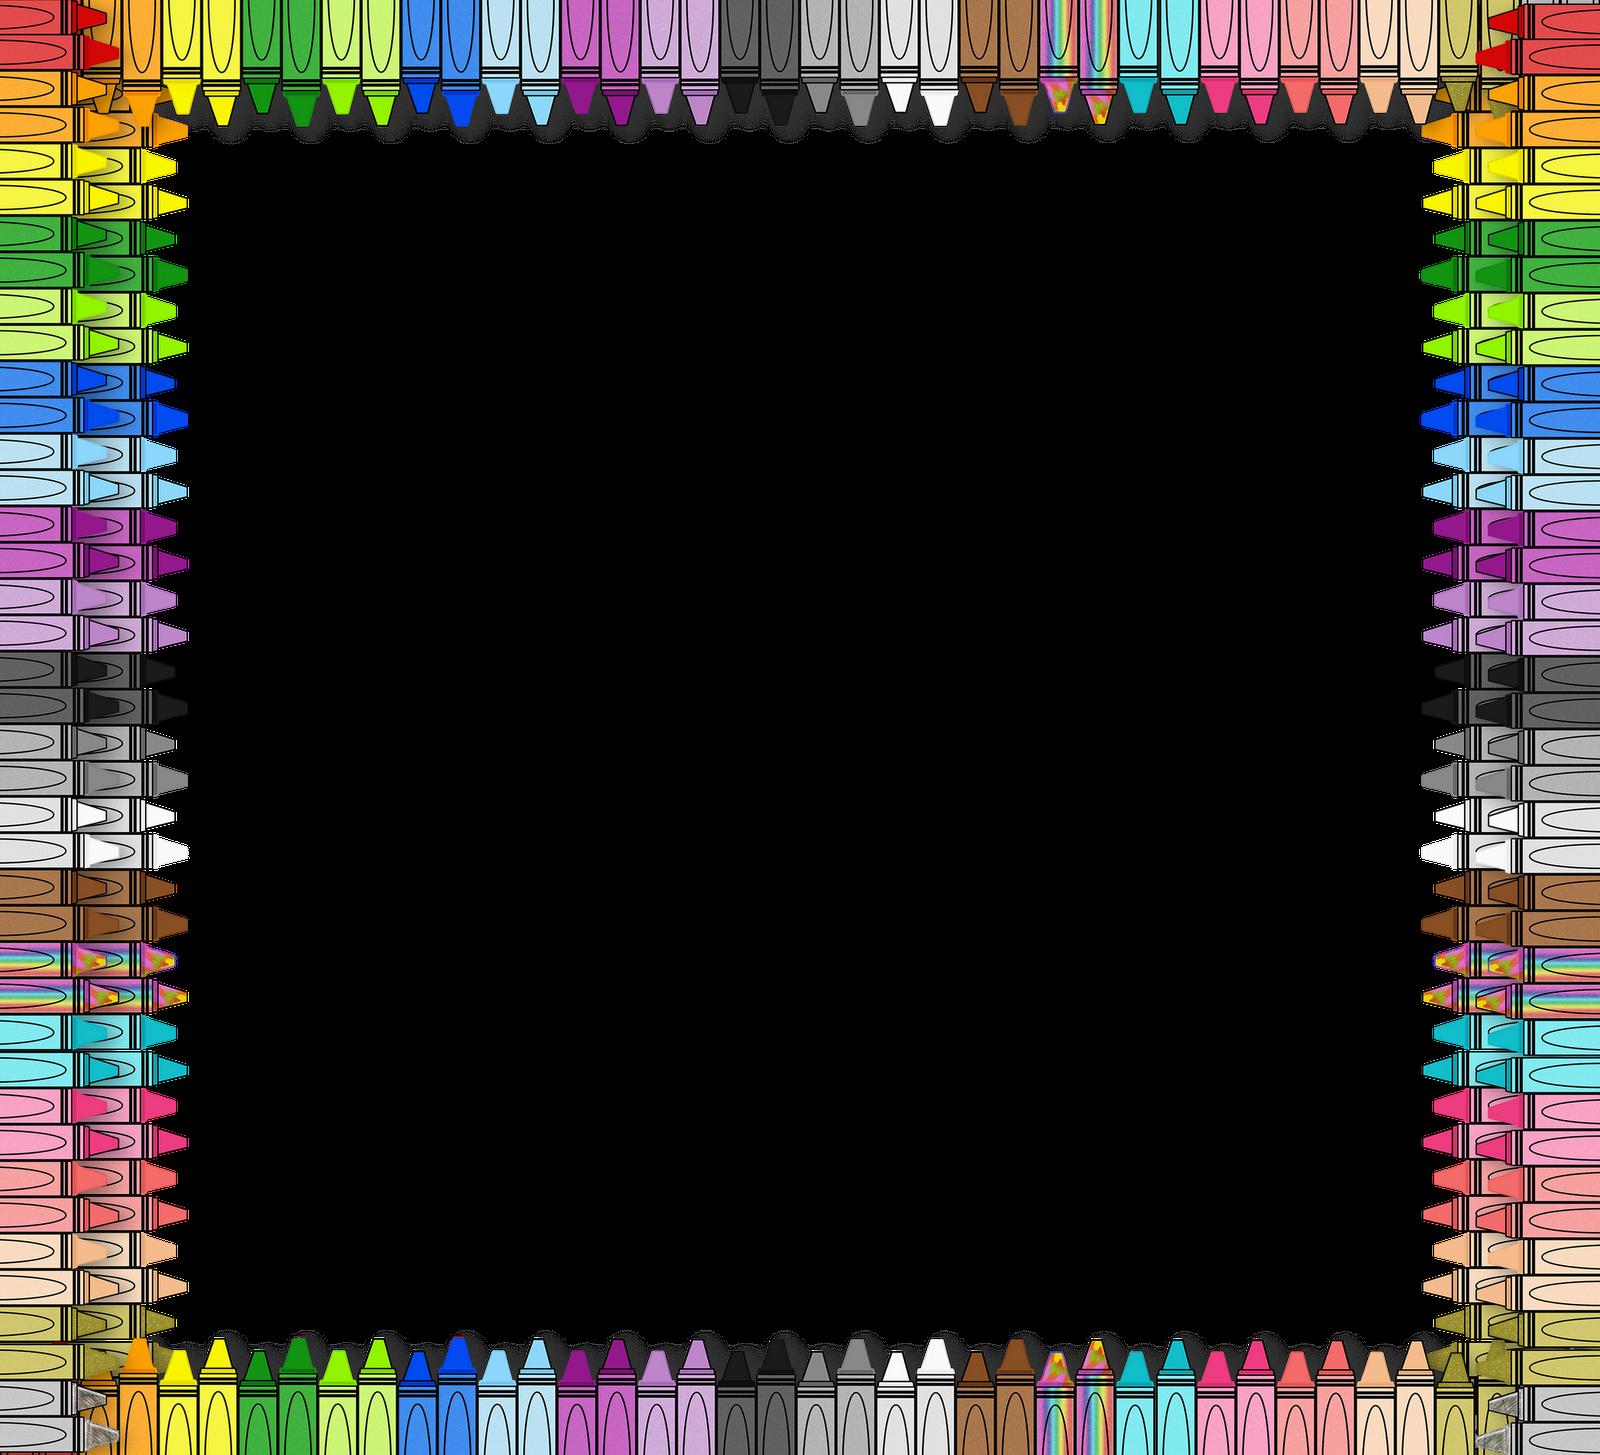 pinturas | bordes y tableros | Pinterest | Marcos, Etiquetas y ...